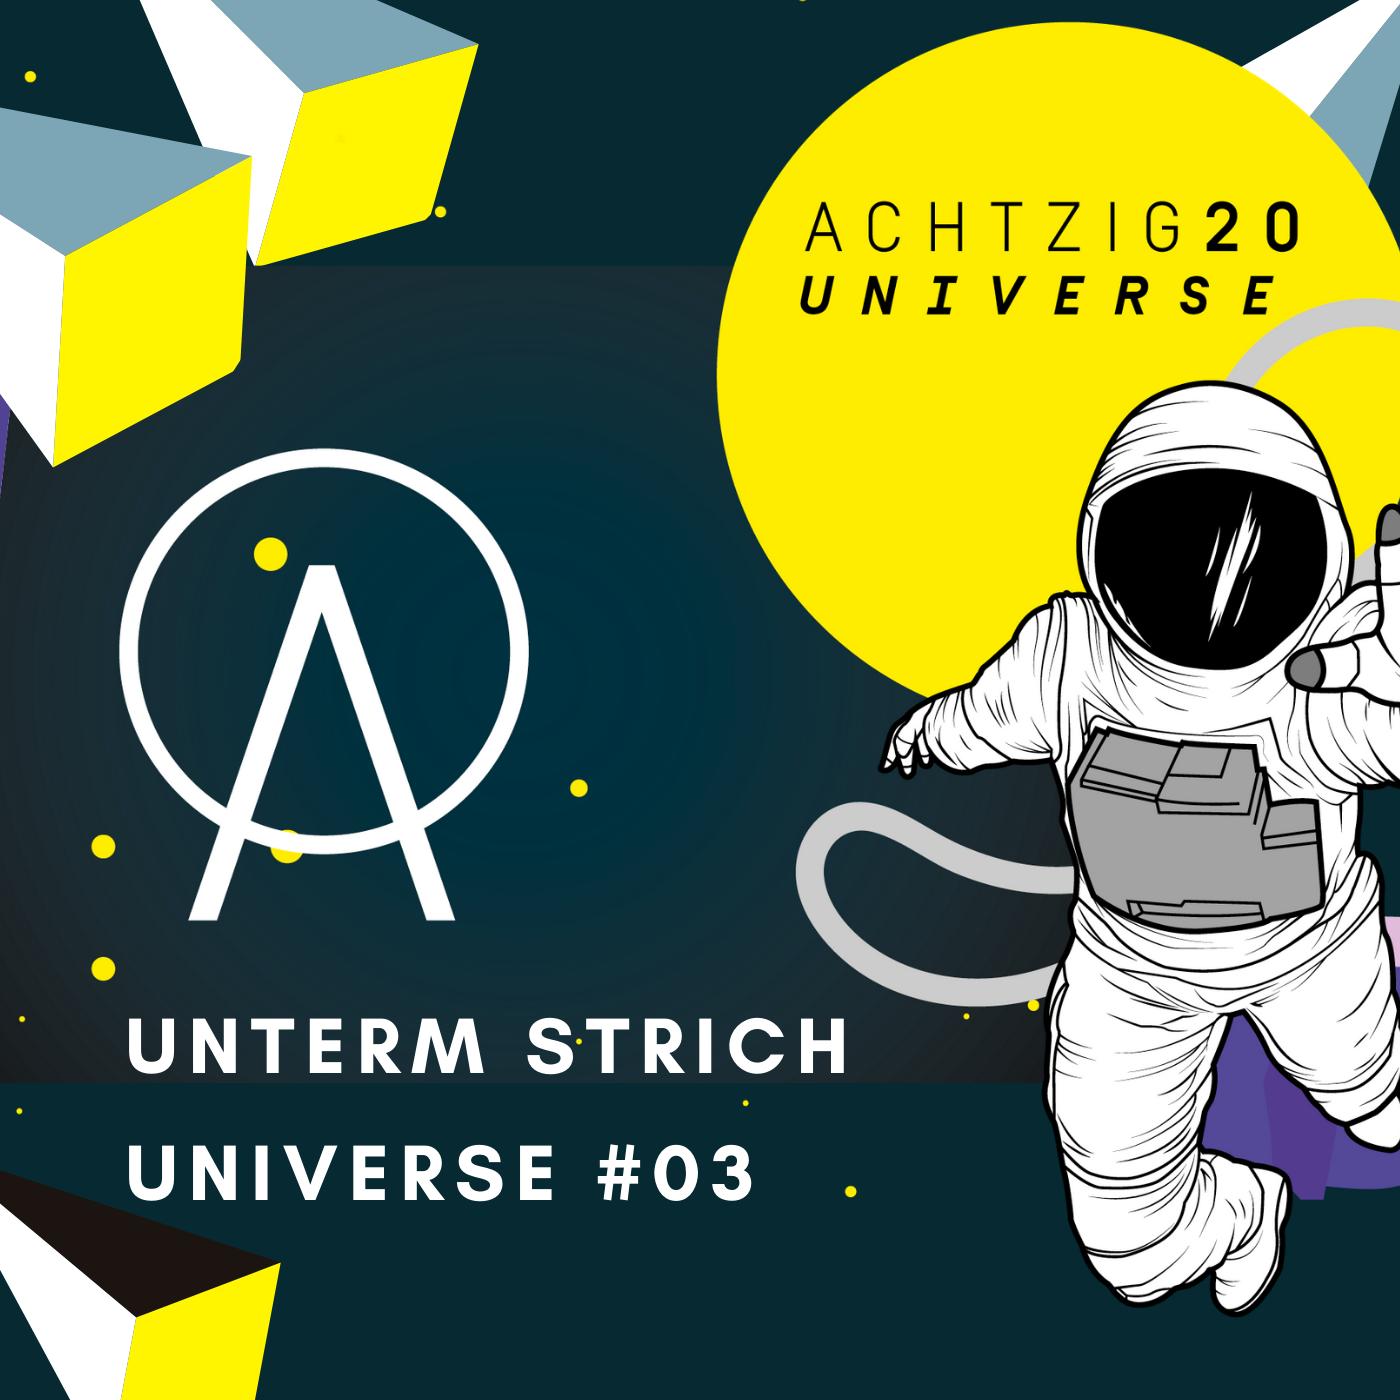 Unterm Strich: Achtzig20 Universe #03 mit Florian Holste